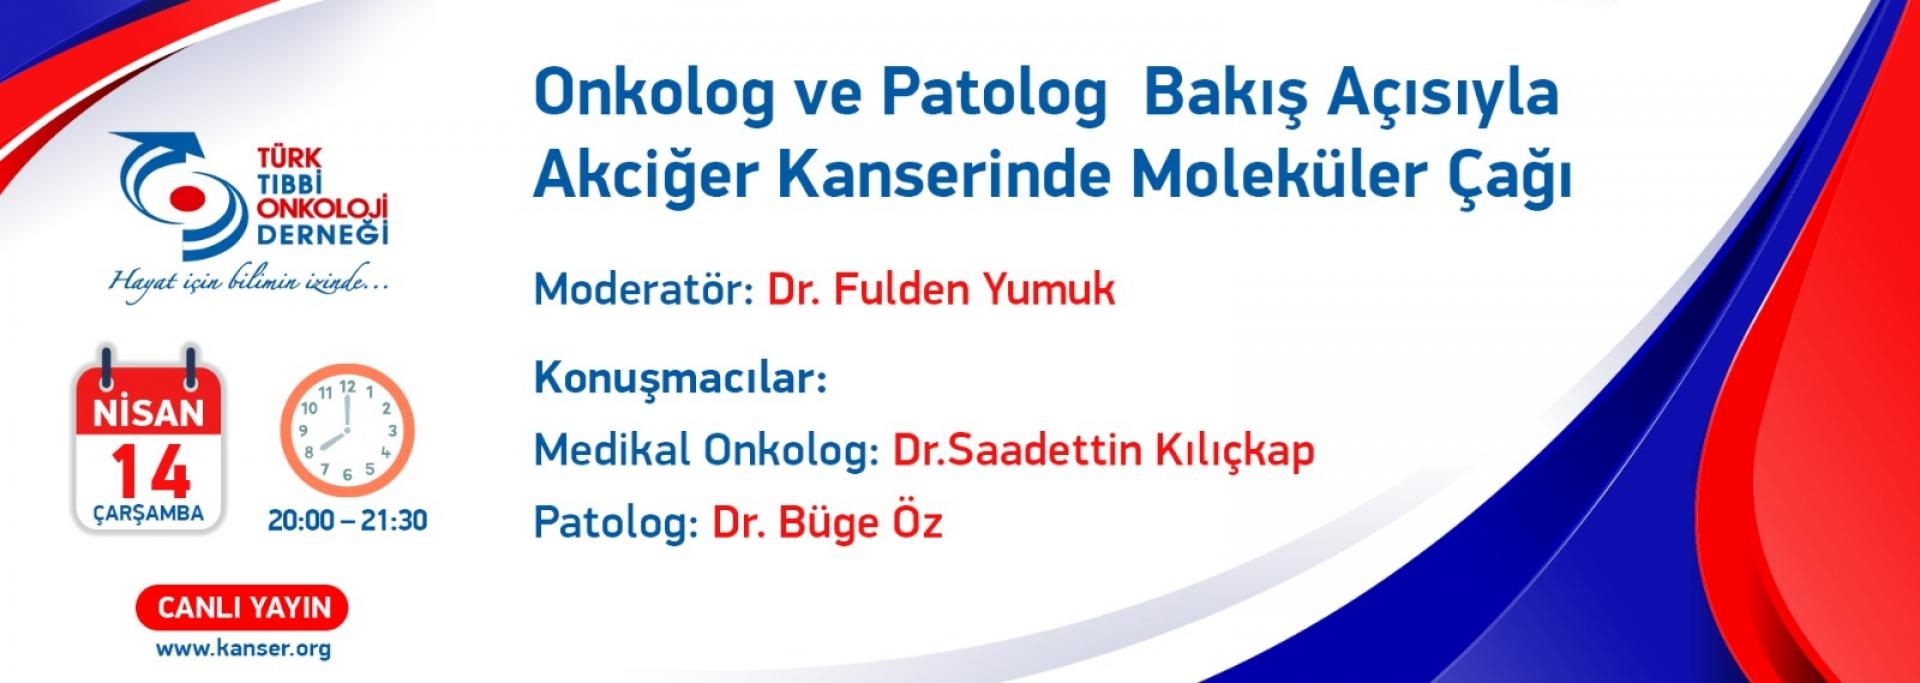 (VIRTUAL) Onkolog ve Patolog  Bakış Açısıyla Akciğer Kanserinde Moleküler Çağı